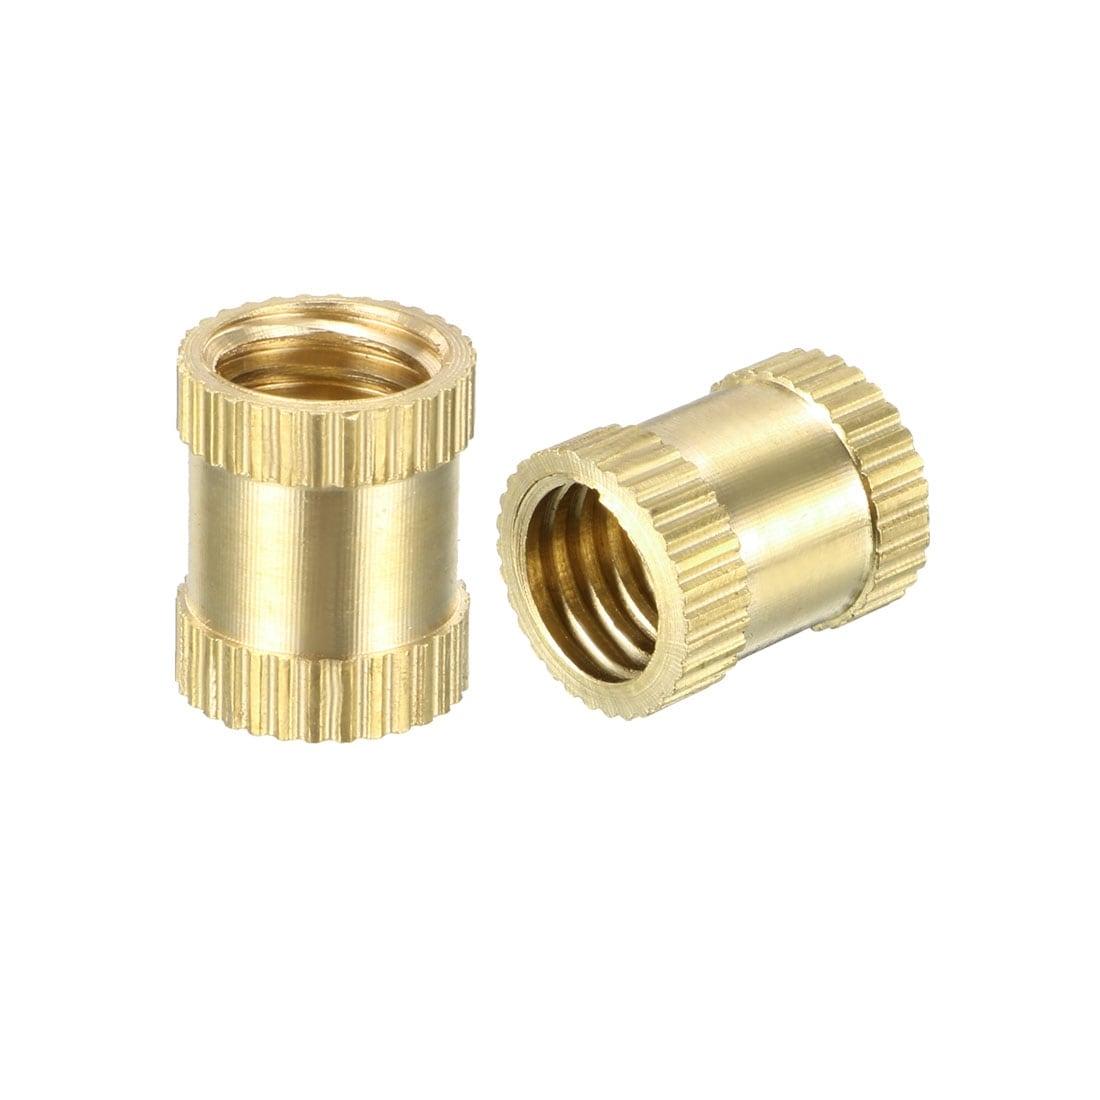 Brass Knurled Threaded Insert Embedment Nuts 5 Pcs x 10mm L OD M8 x 8mm